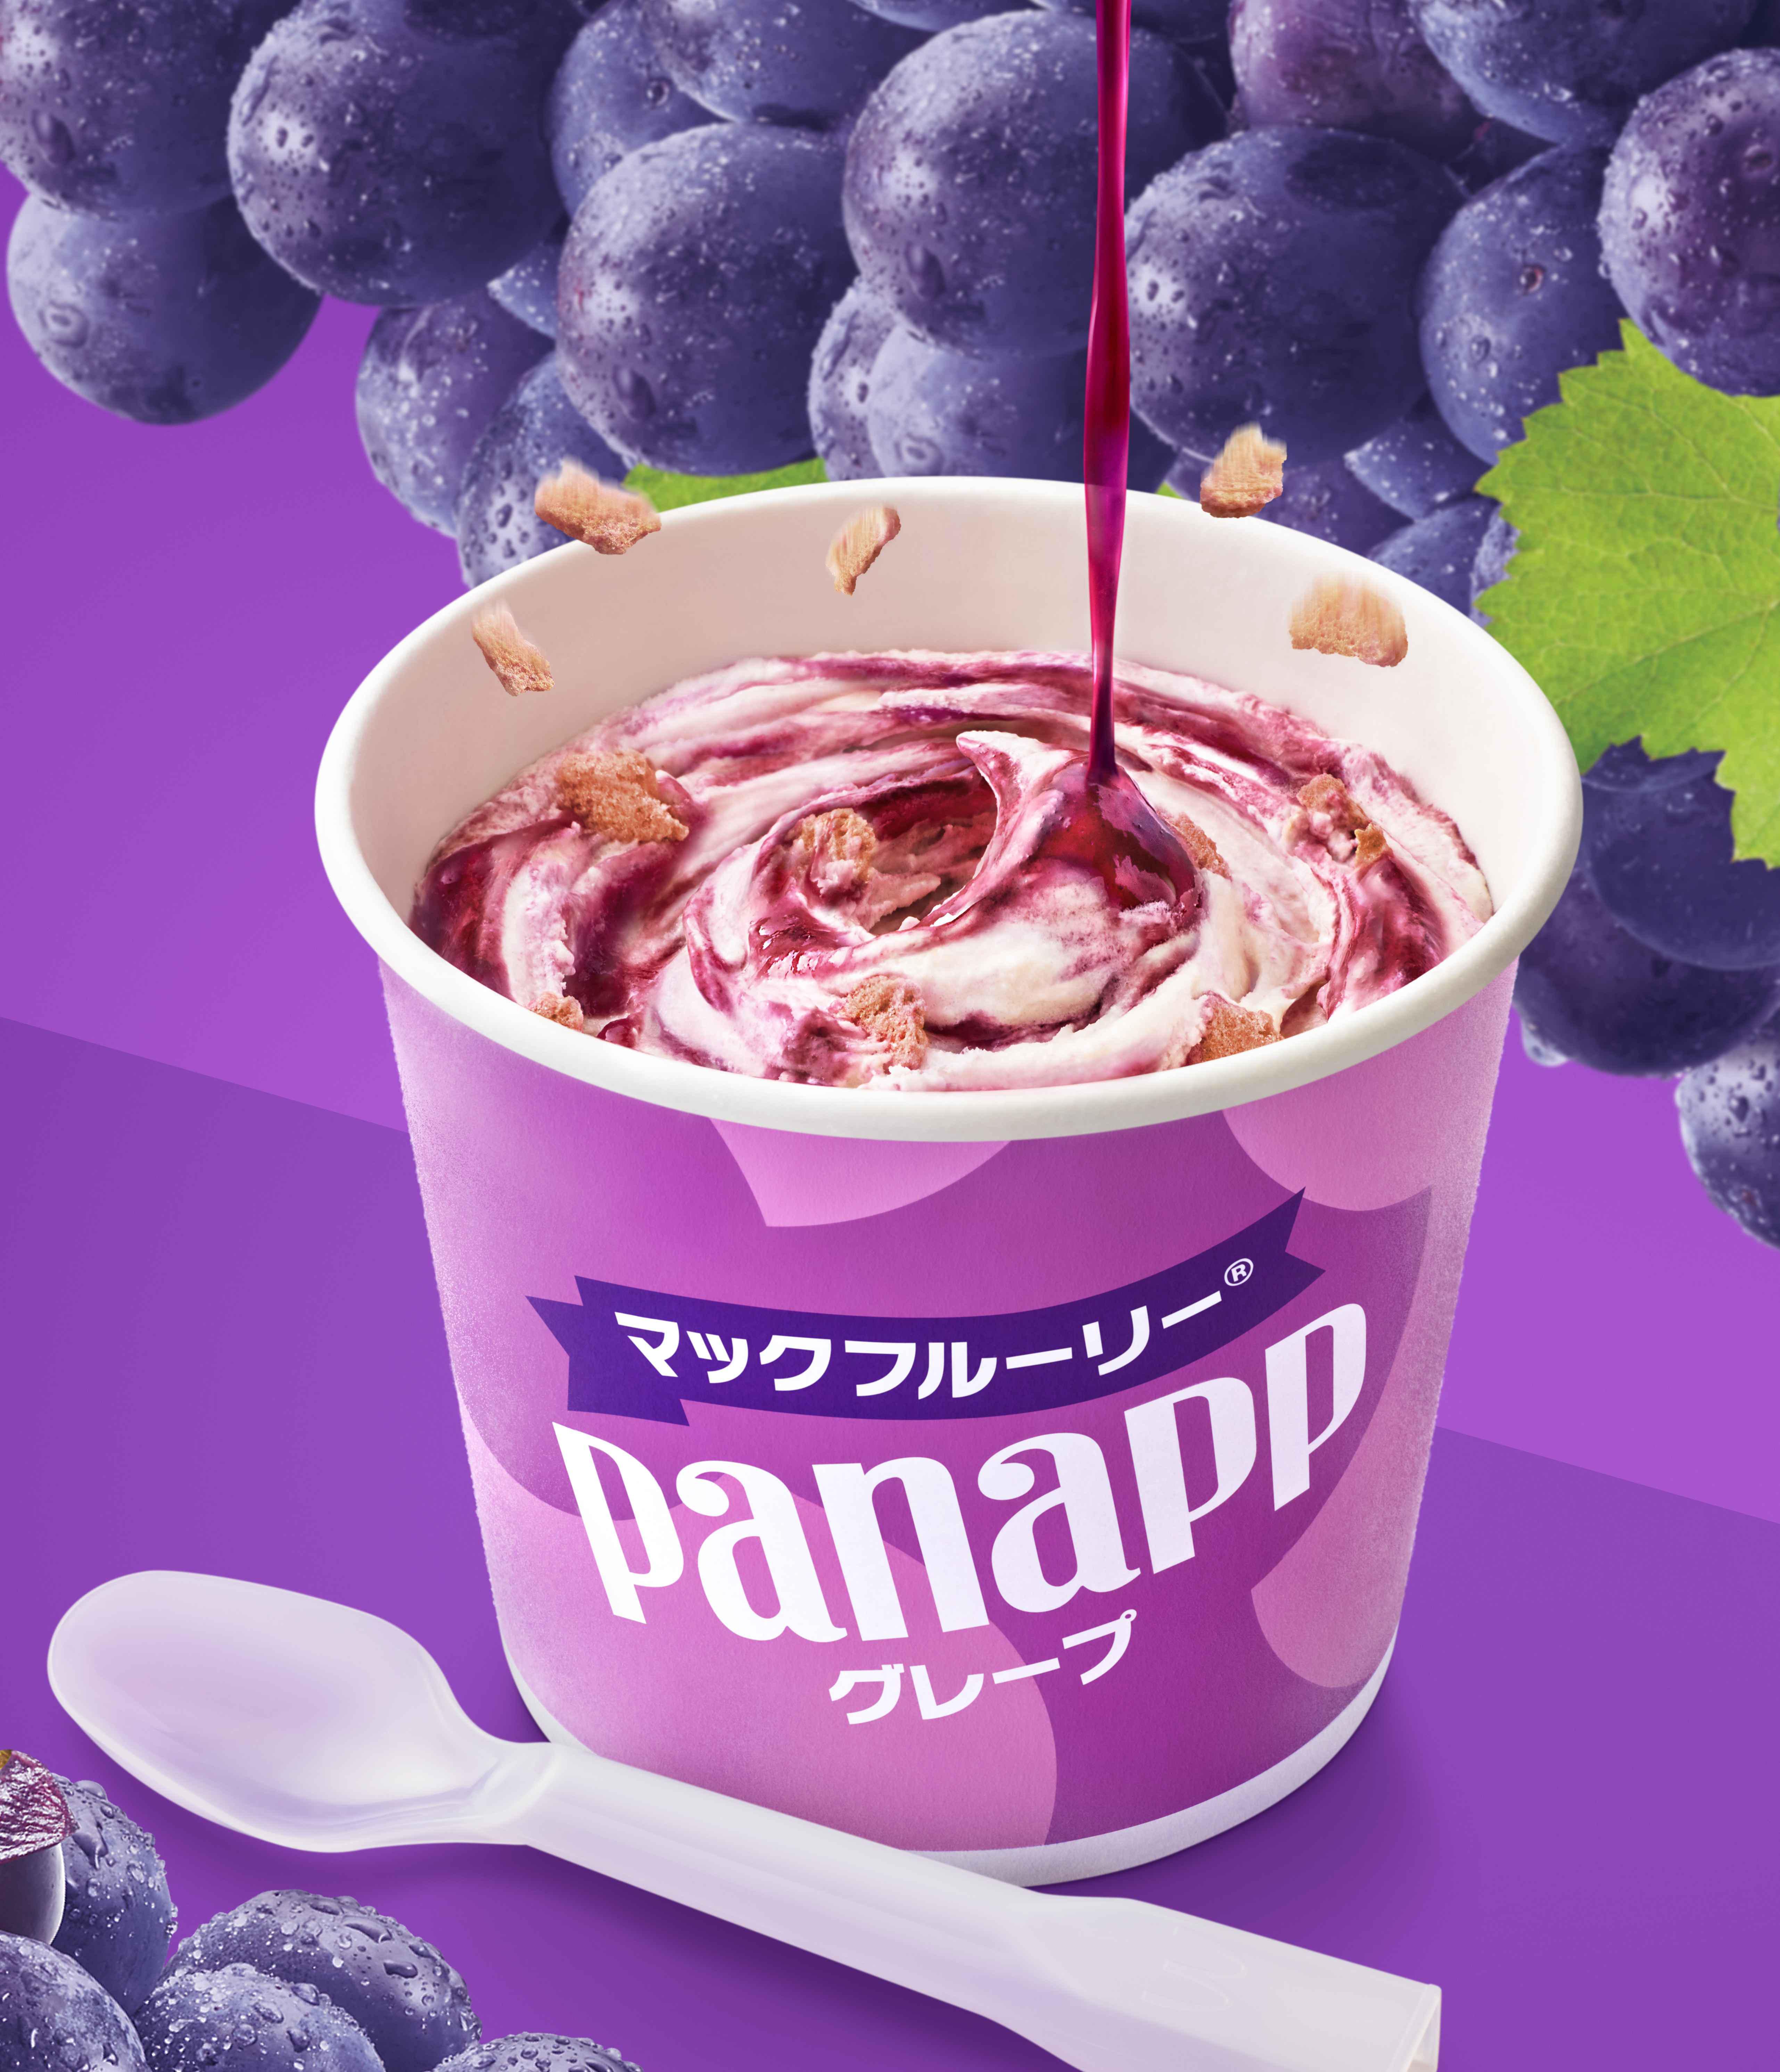 日本マクドナルド/グリコ「パナップ」とコラボしたマックフルーリー